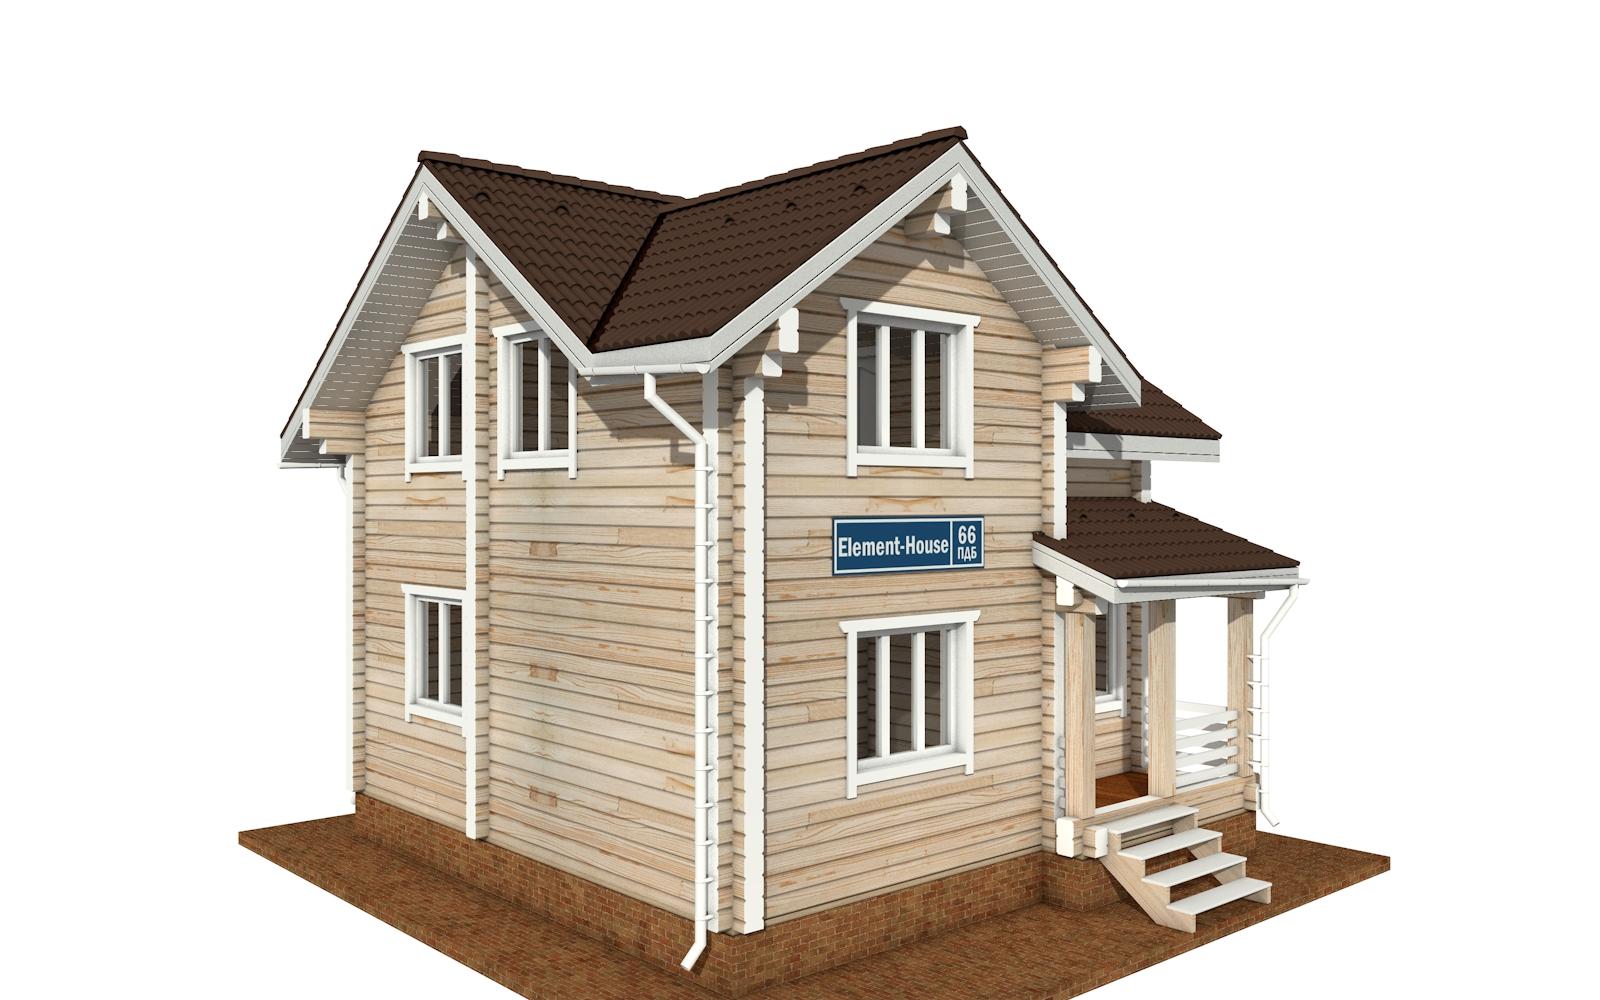 ПДБ-66 - деревянный дом из клееного бруса